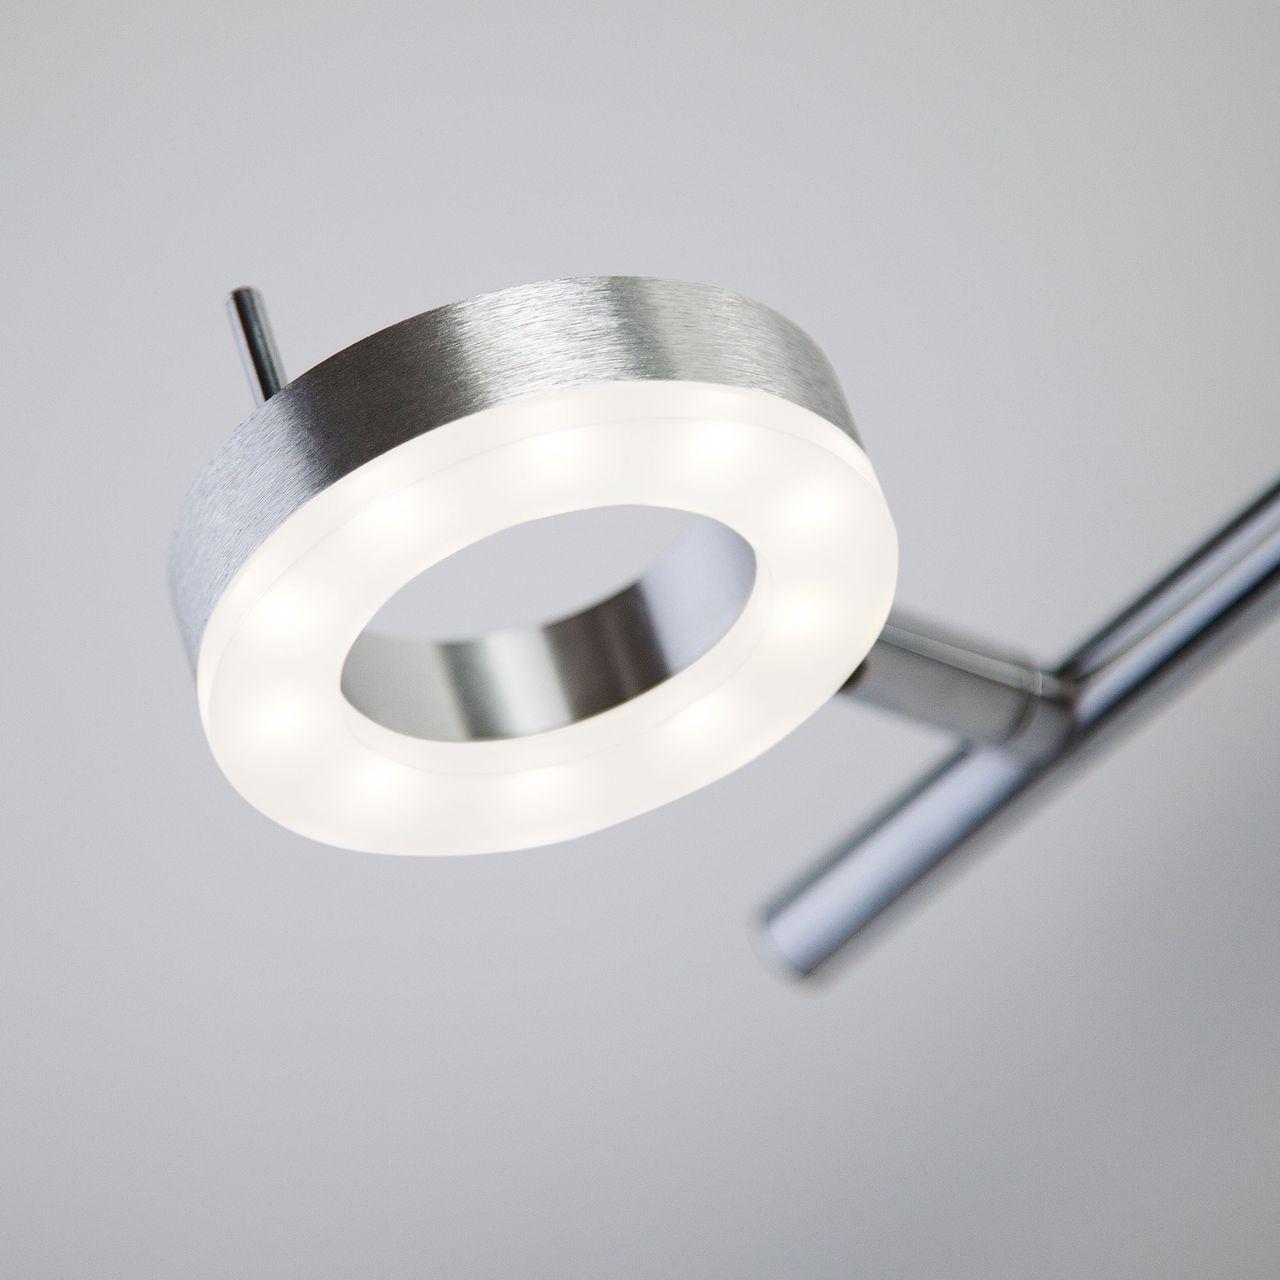 Светодиодный спот Eurosvet Wheel 20001/3 алюминий